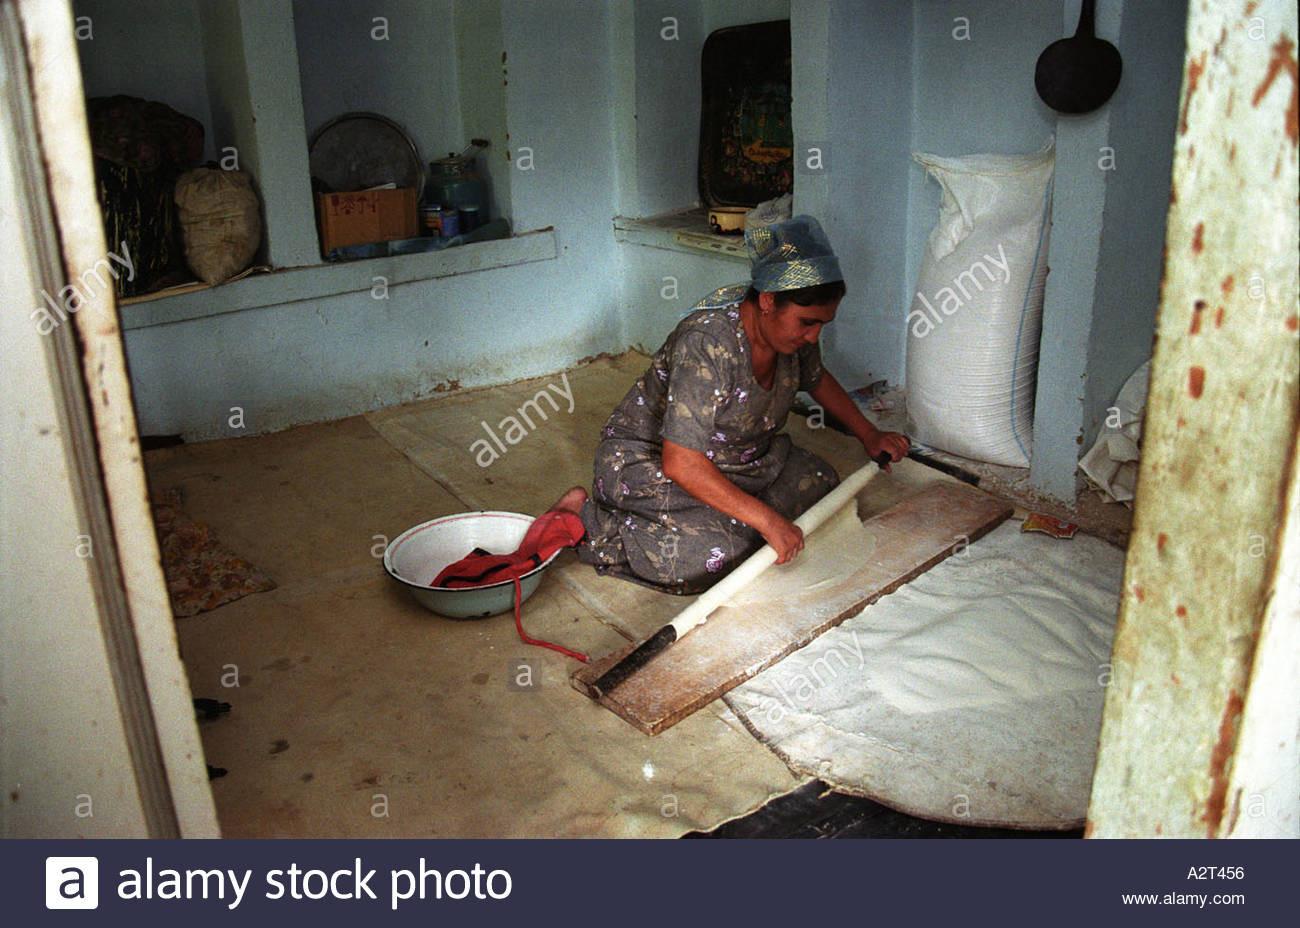 Was Wird Bei Einer Maniküre Gemacht  Am Tag vor der Beschneidung Frauen backen Brot während